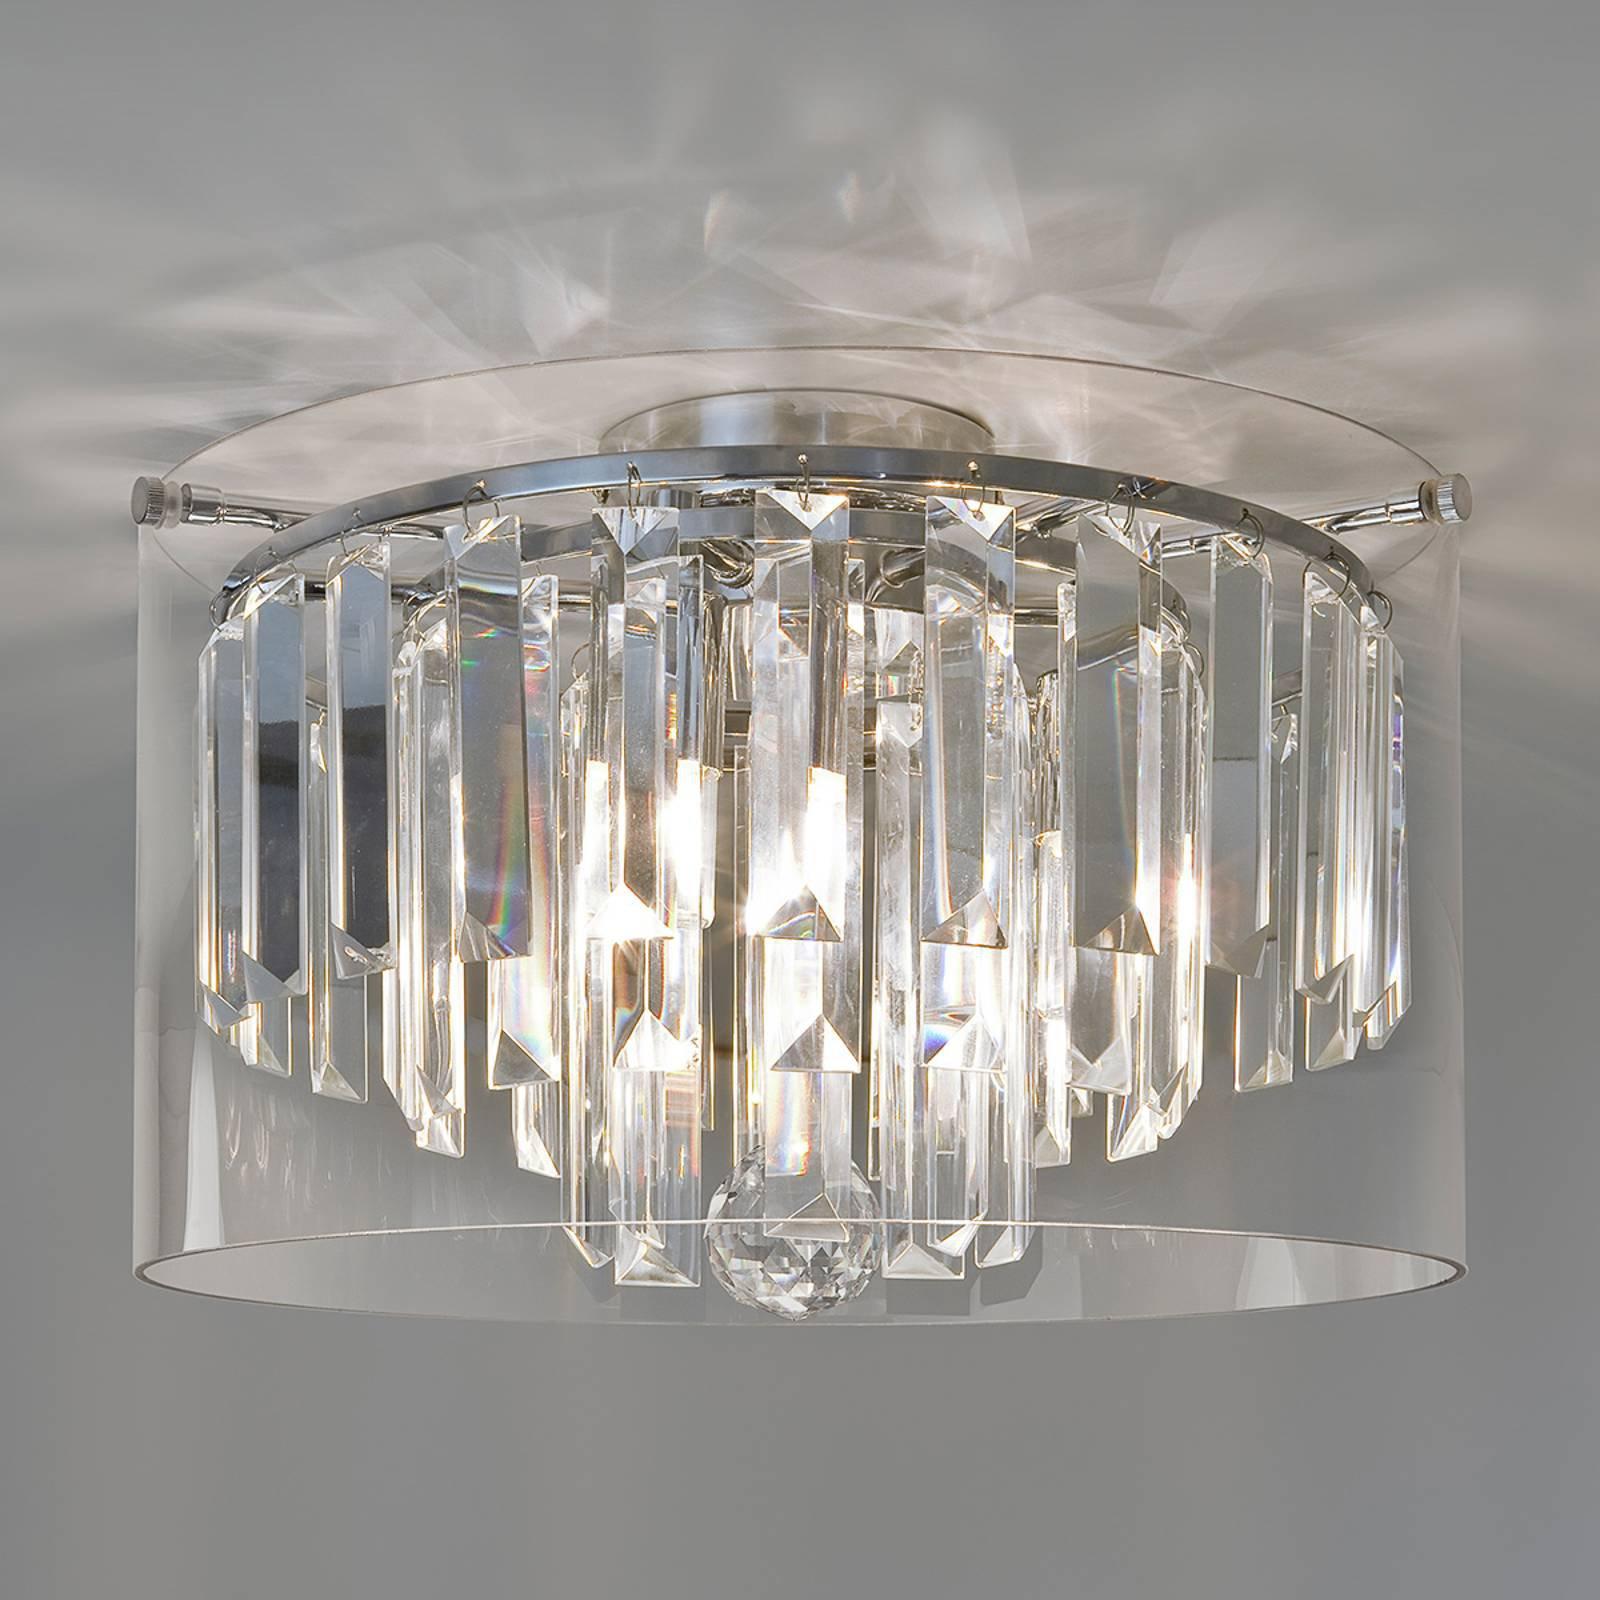 Eksklusiv taklampe Asini til badet